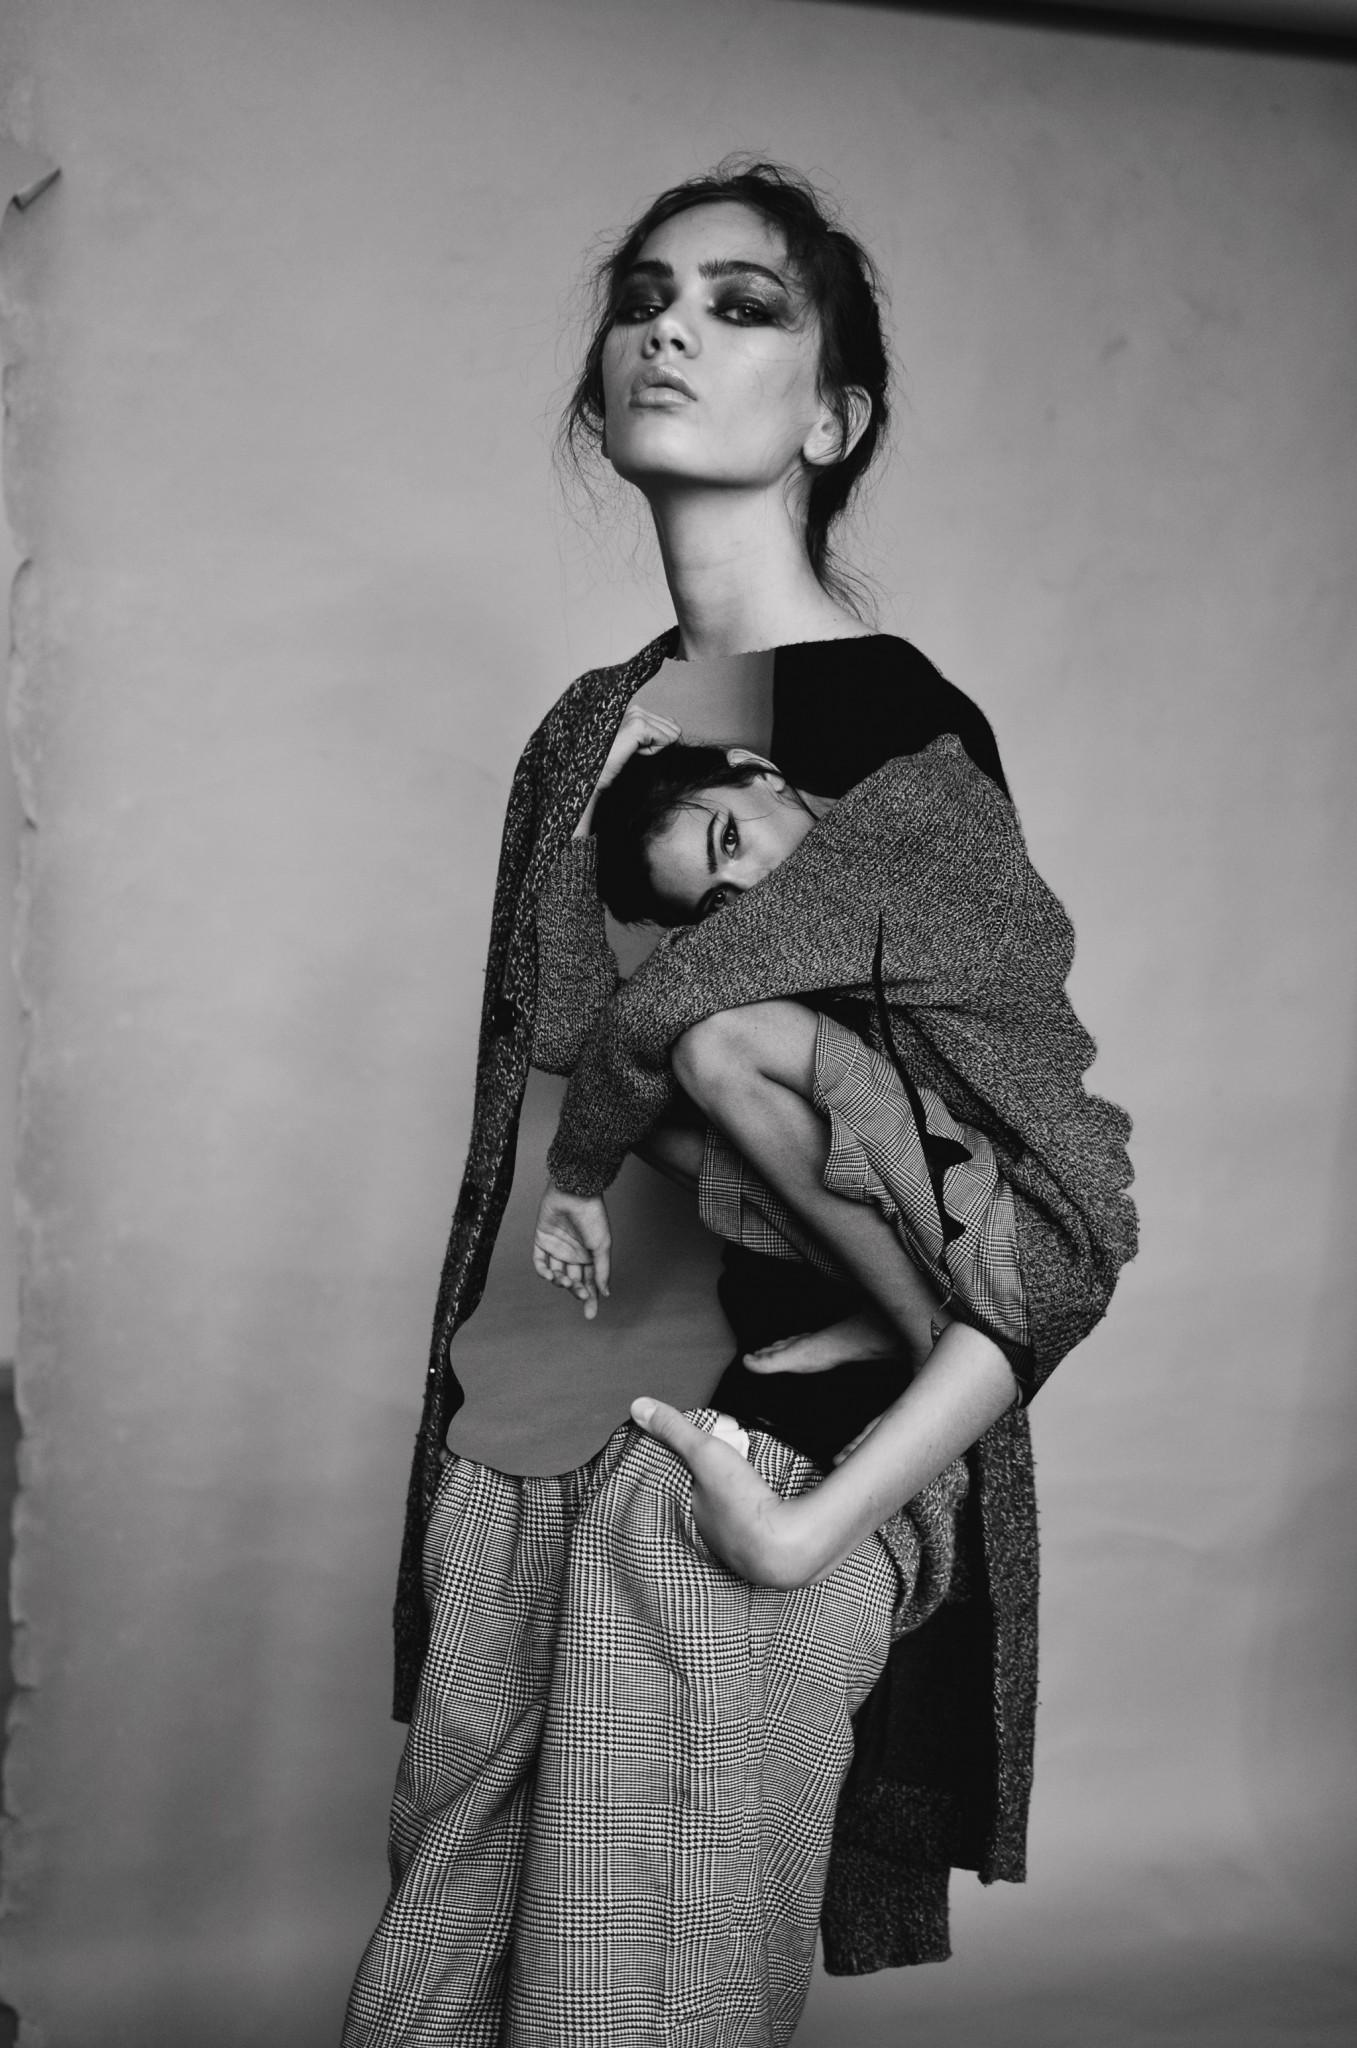 Chris_Devour_best_Romanian_photographer__Fabulous_Muses_Fashion_icon_interview5